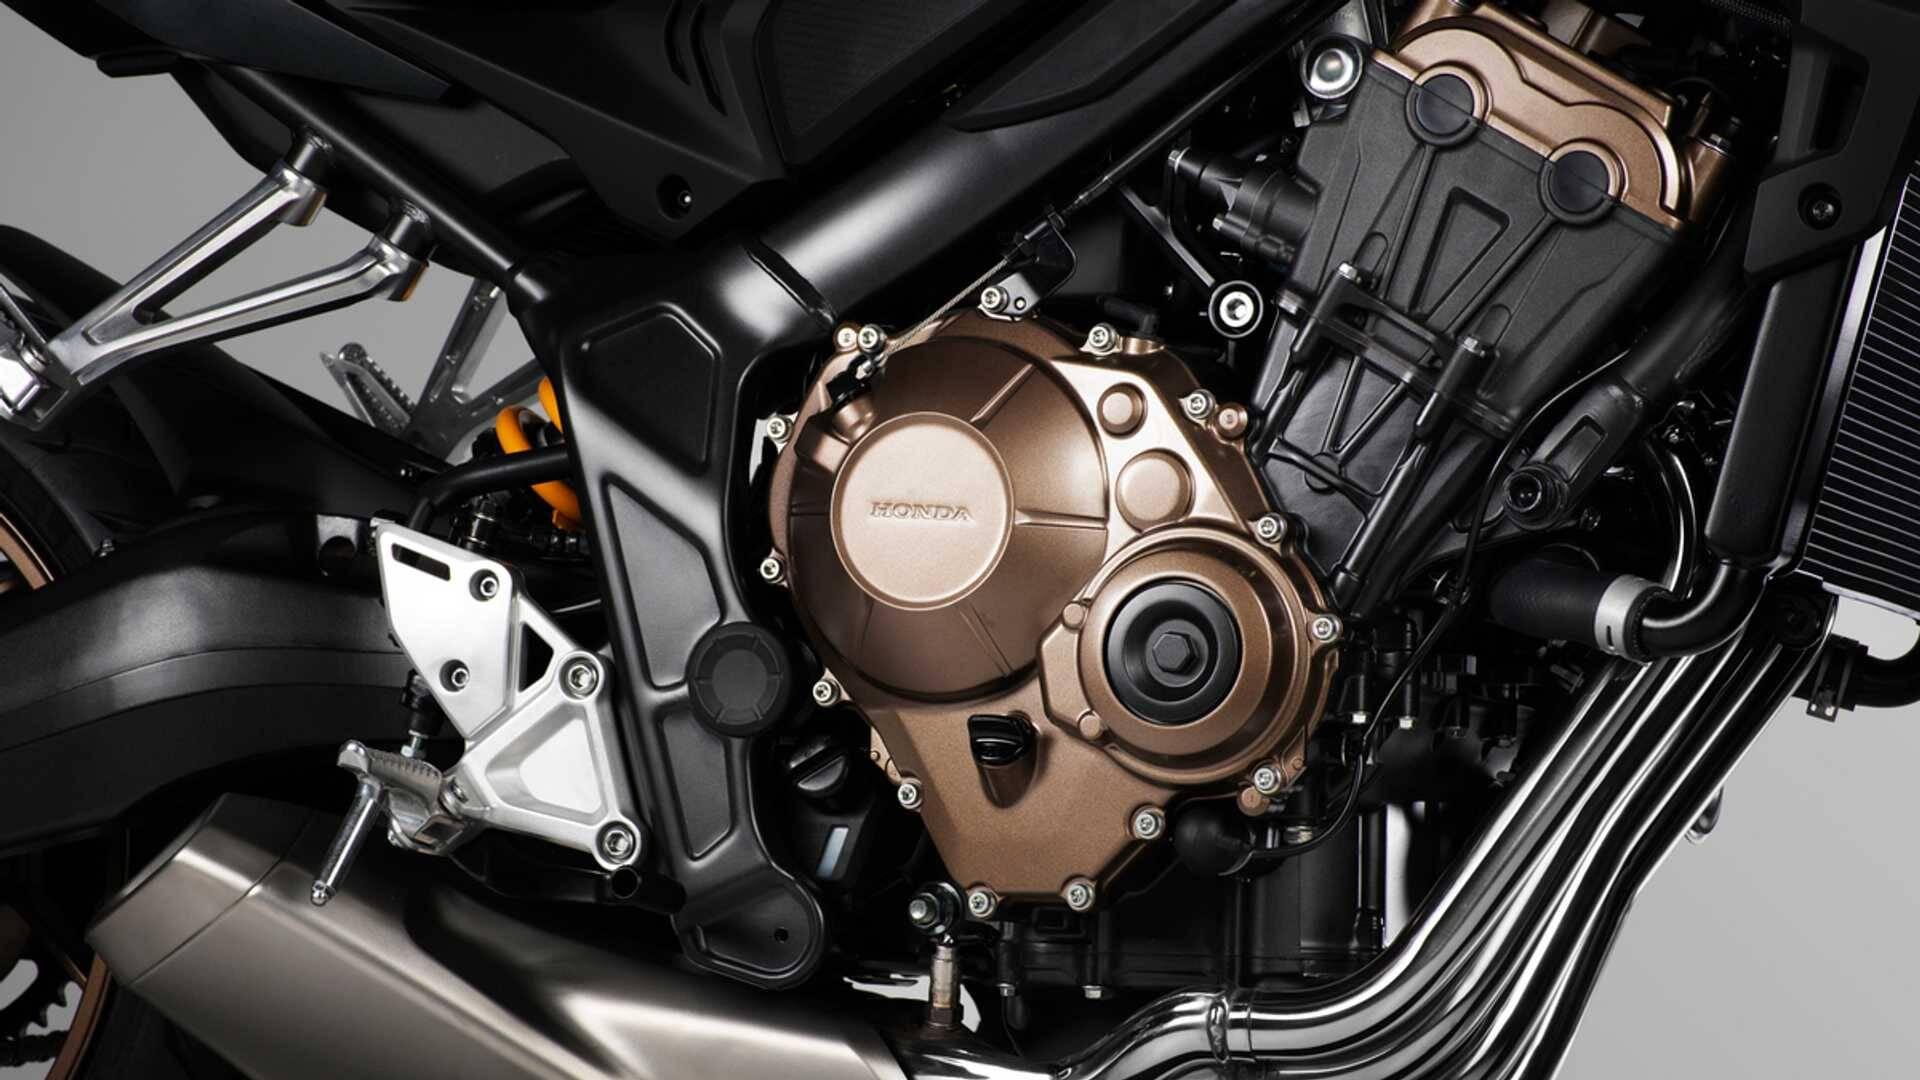 Honda CB650R. Foto: Divulgação